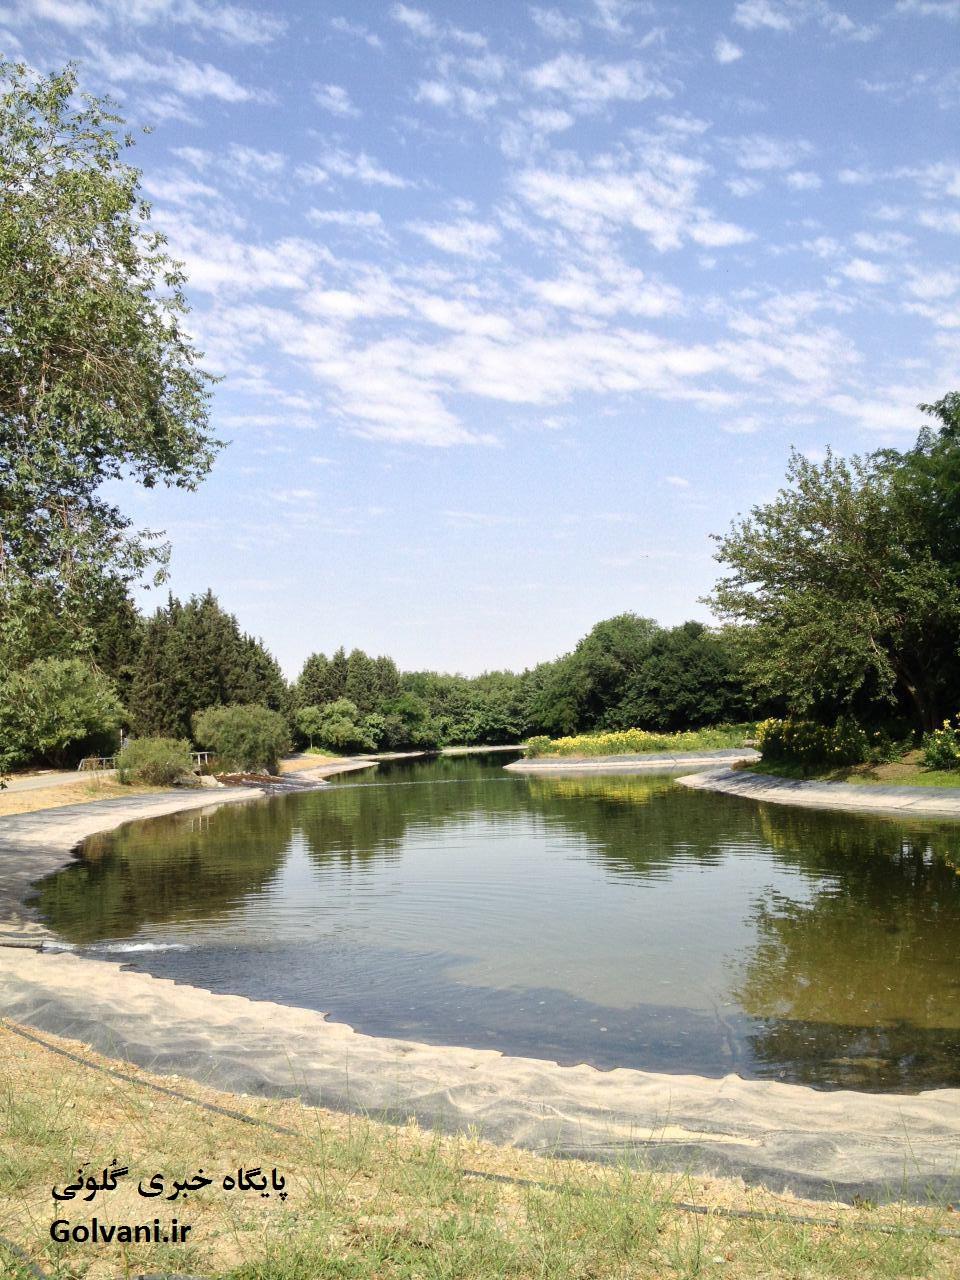 باغ گیاهشناسی ملی ایران به روایت تصویر